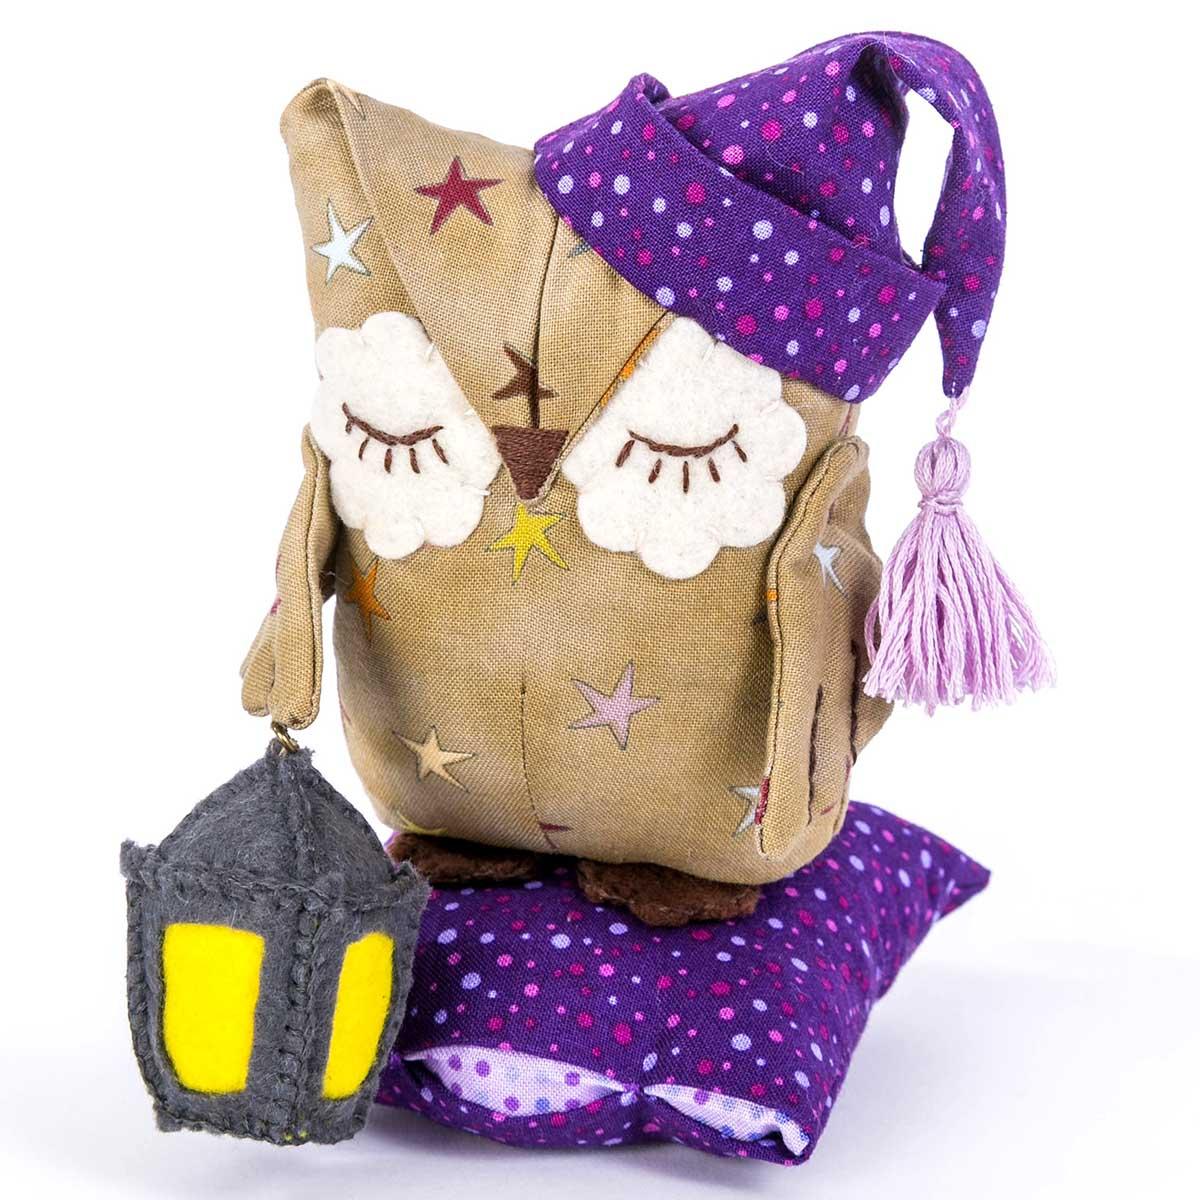 ПСН-904 Набор для создания текстильной игрушки серия Сказки на ночь 'Совенок Дрема' 14,5см